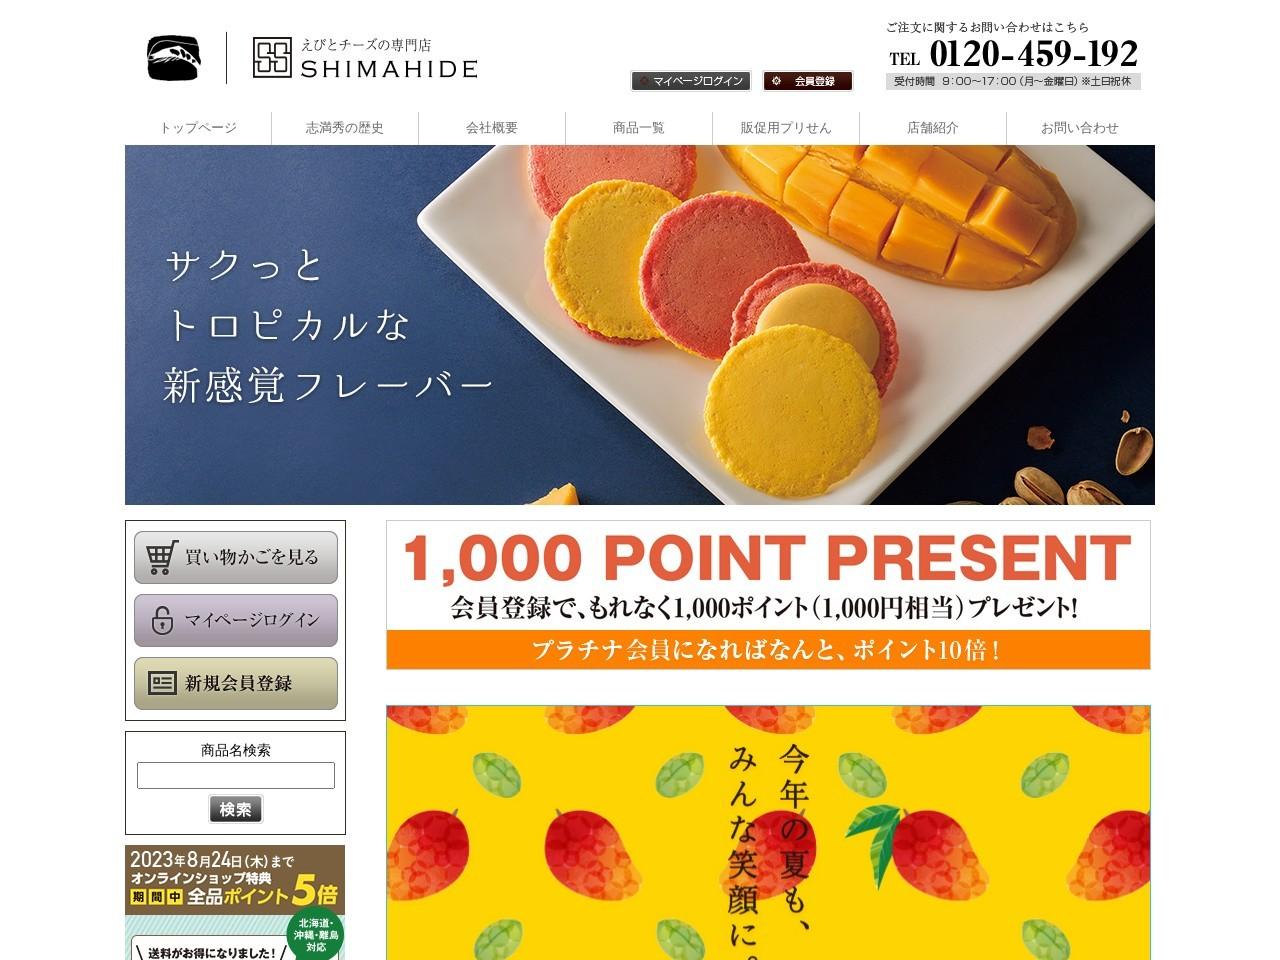 【公式】香川のお土産・えびせんべいの志満秀(しまひで)